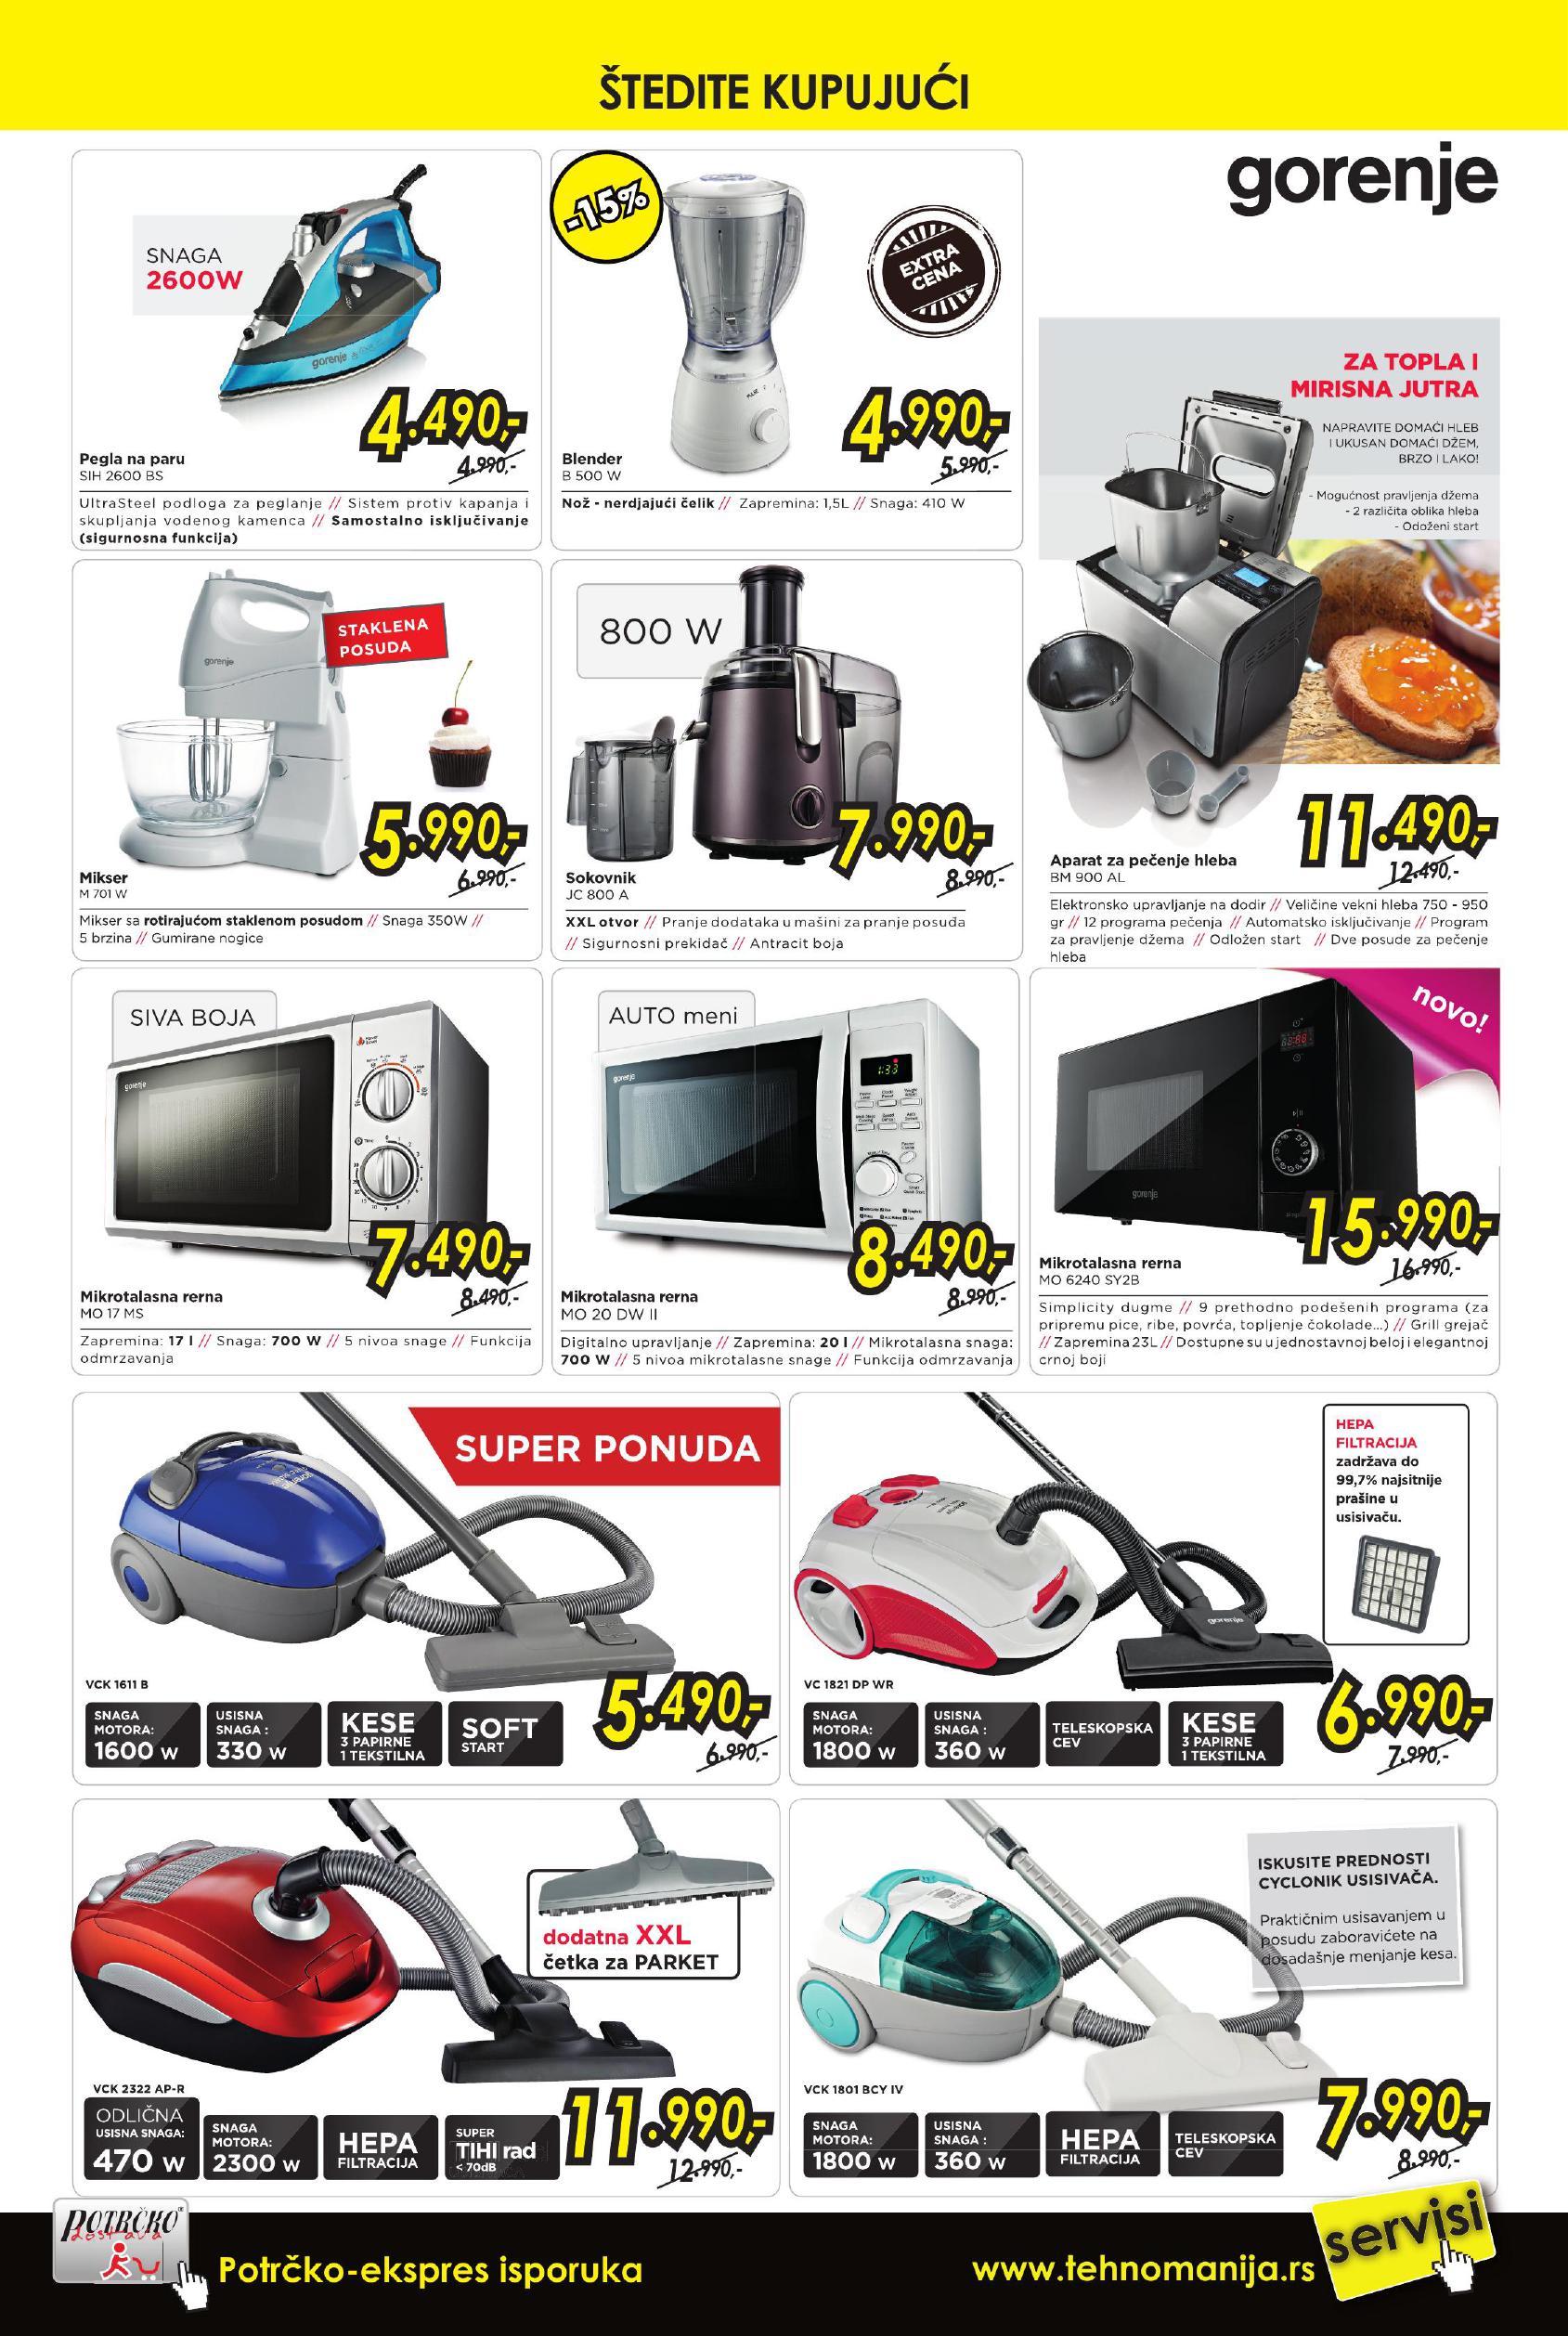 Tehnomanija akcija mali kućni aparati po sjajnoj ceni